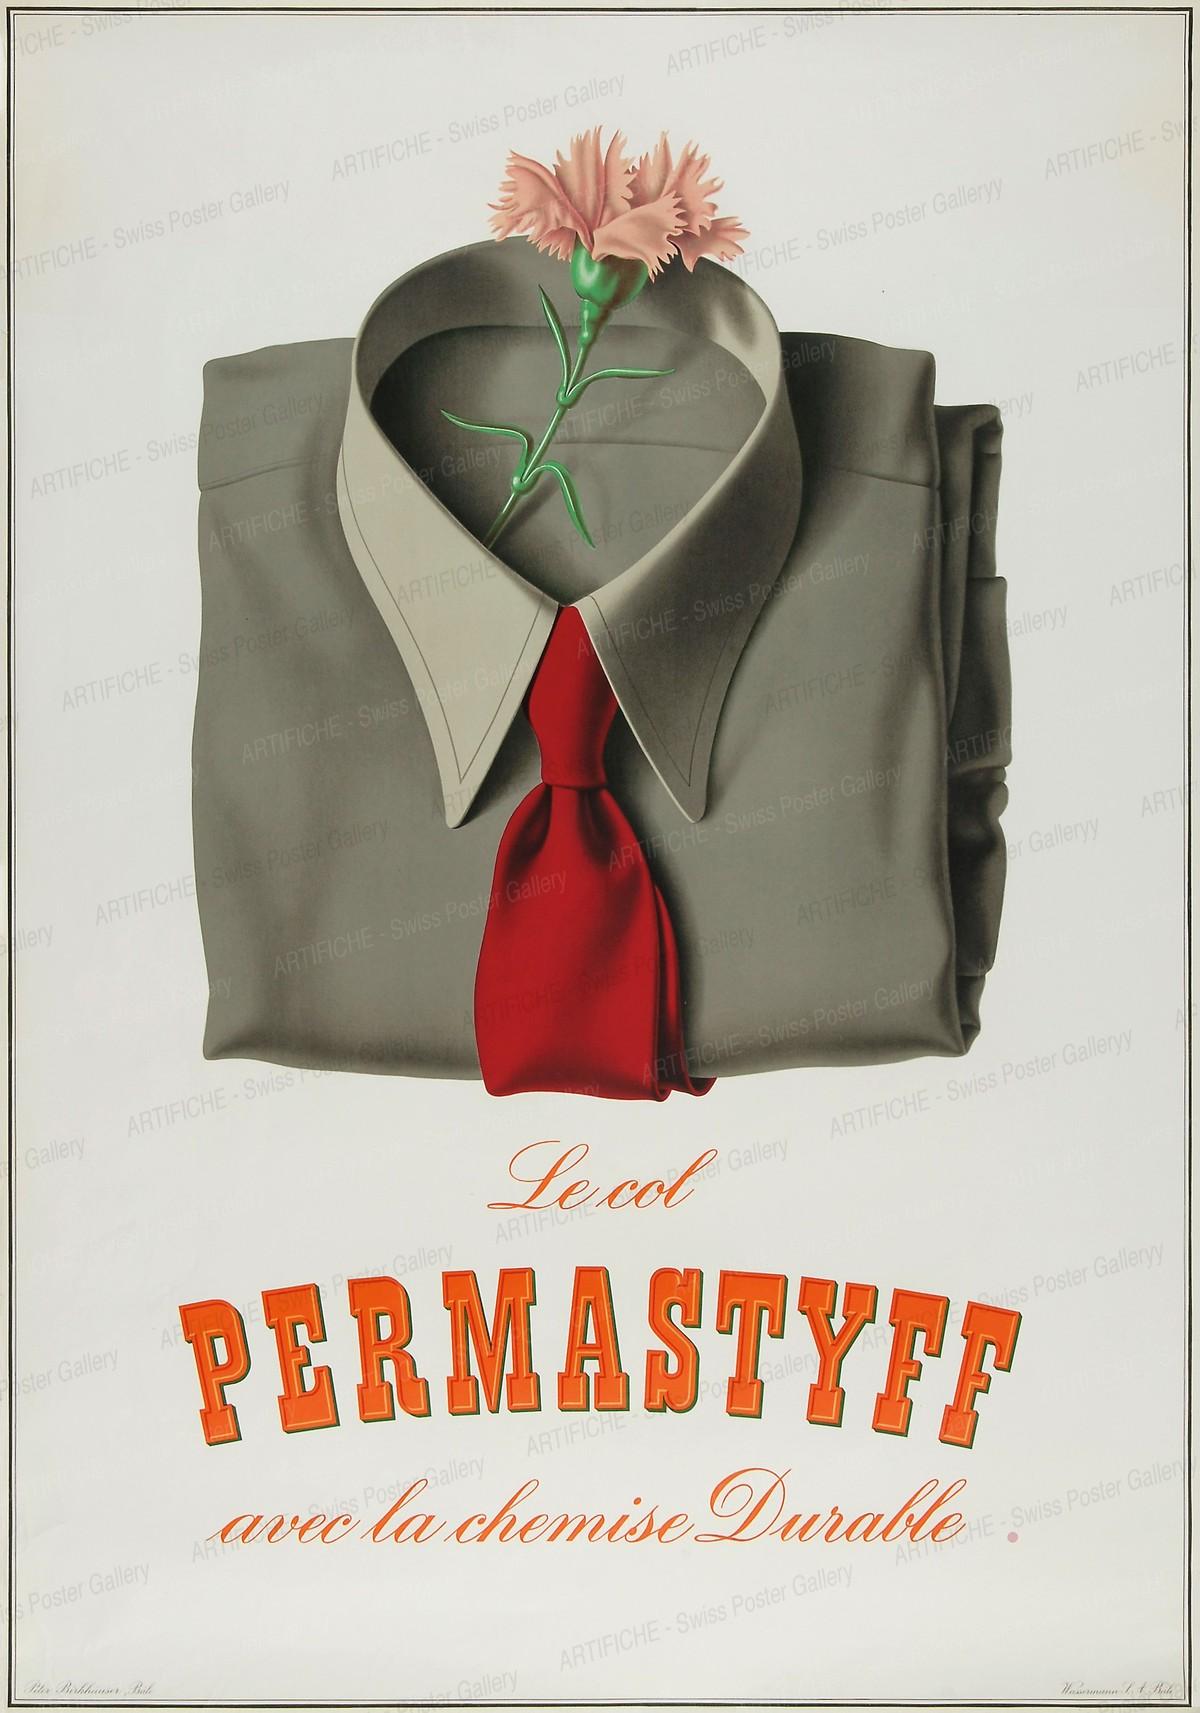 Permastyff collar, Peter Birkhäuser